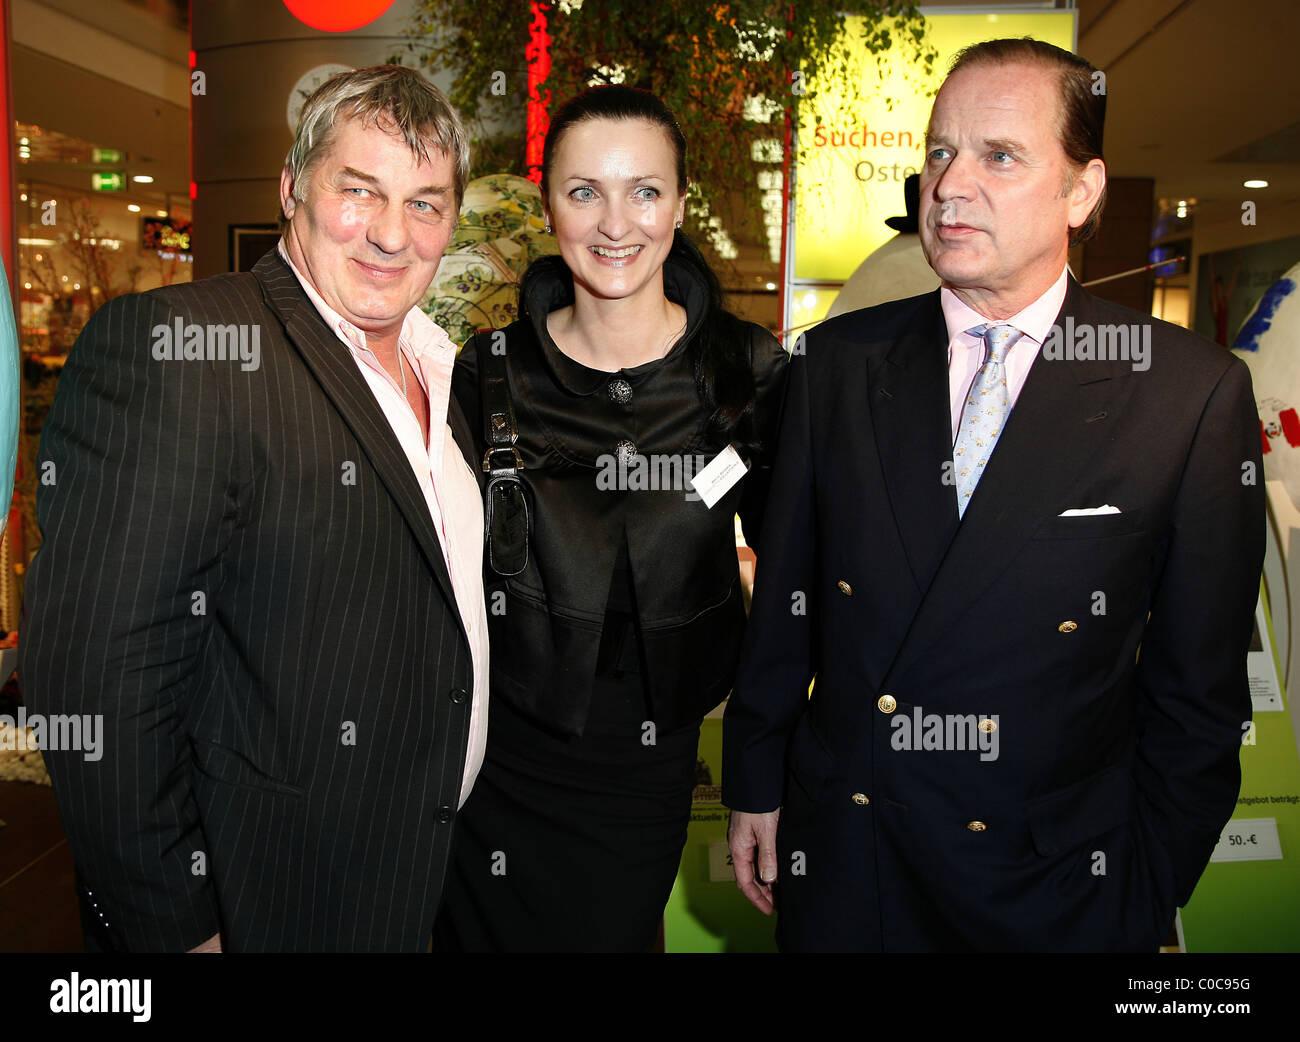 Heinz Hoenig,Brita Segger,  Enno von Ruffin,  Auction at Billstedt Center Hamburg to benefit the children's - Stock Image